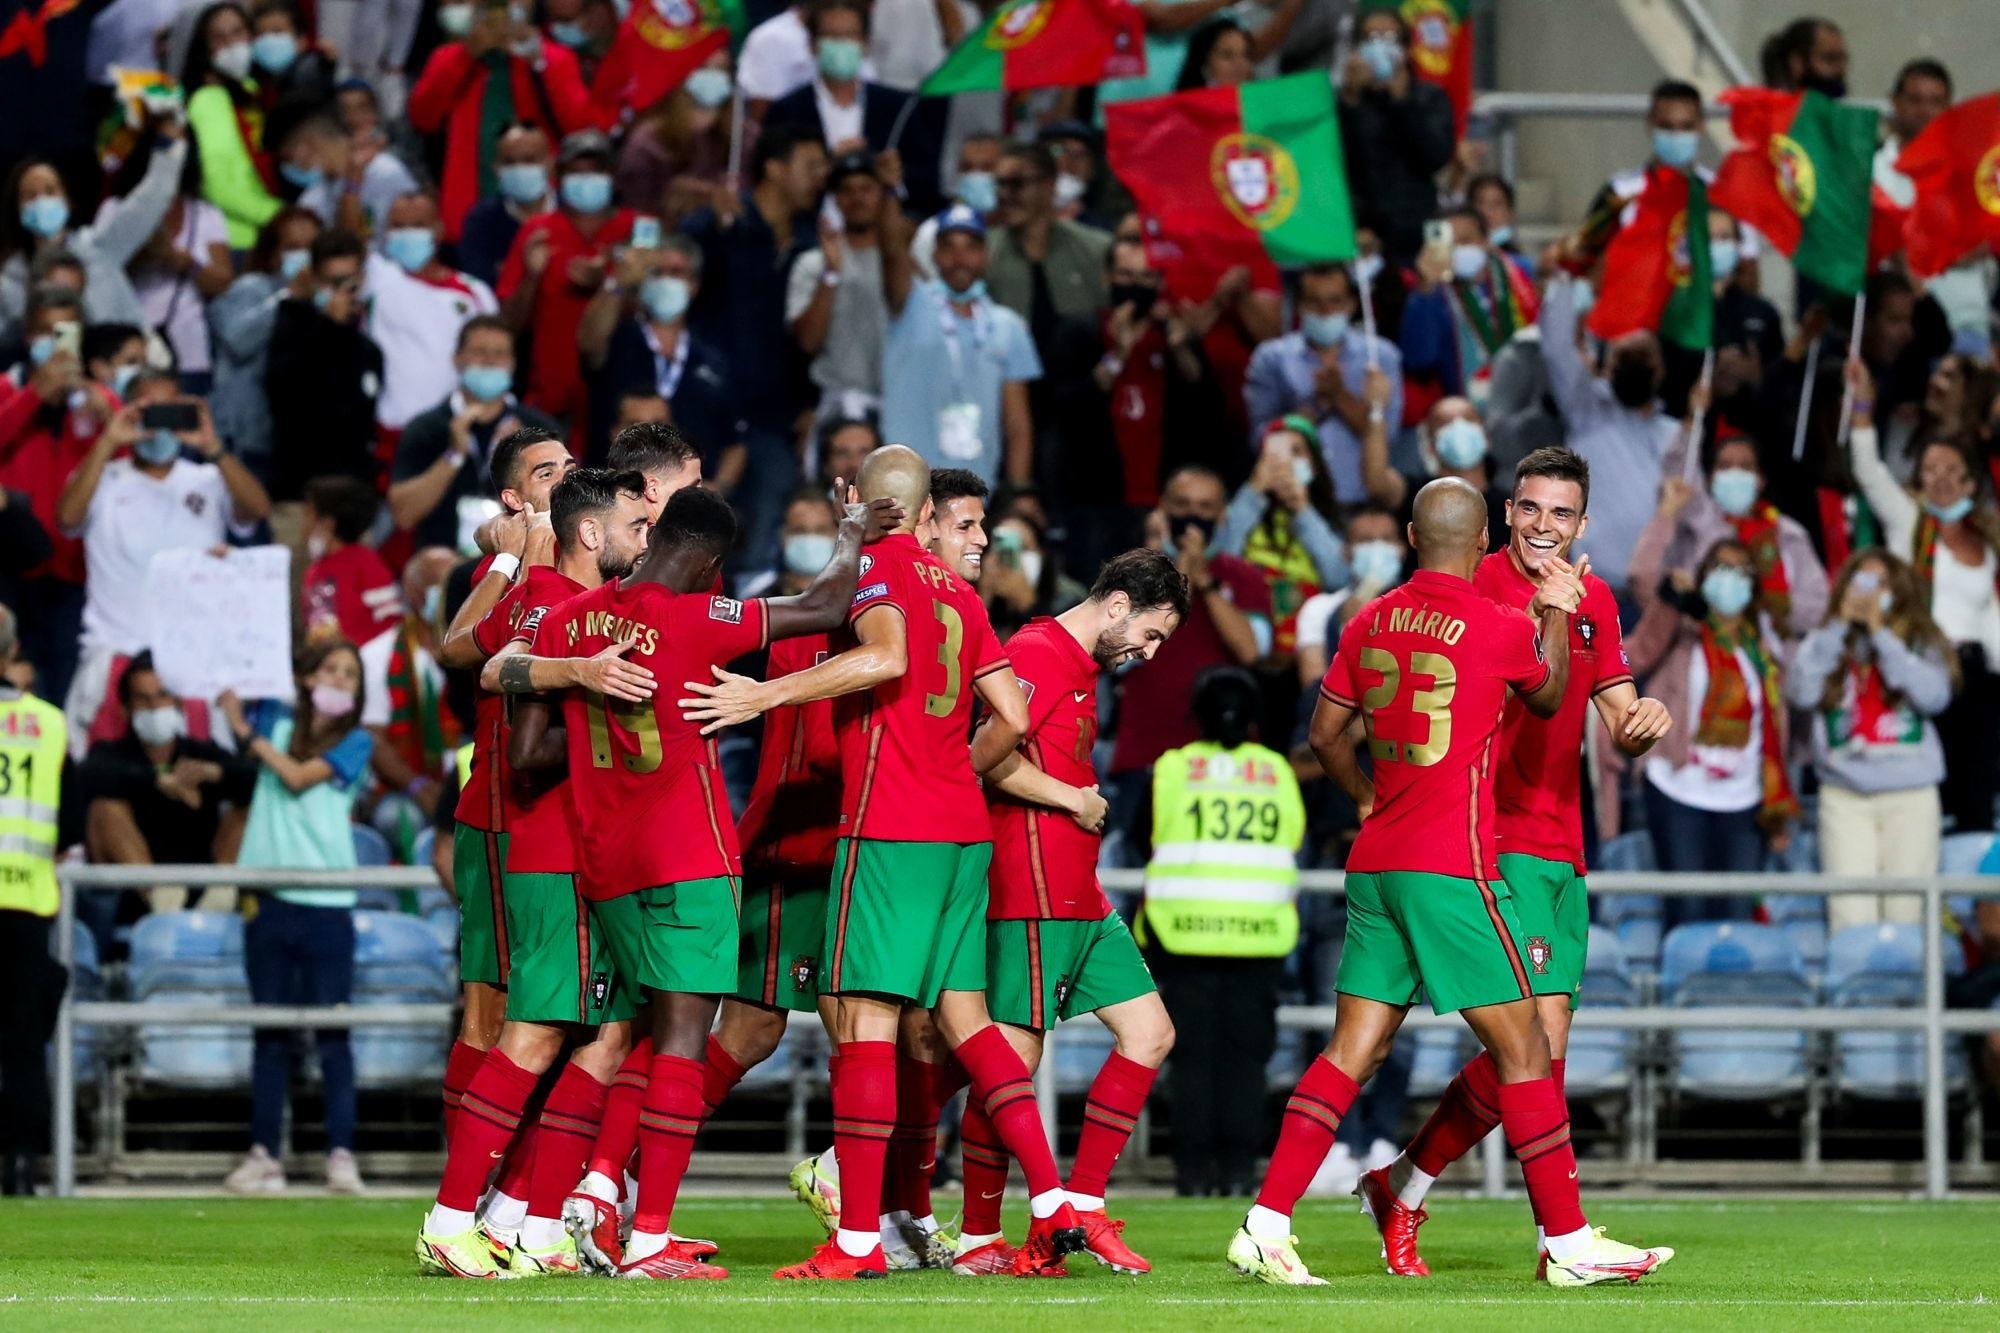 Portugal/Luxembourg - Nuno Mendes sur le terrain tout le long de la victoire portugaise, Danilo sur le banc